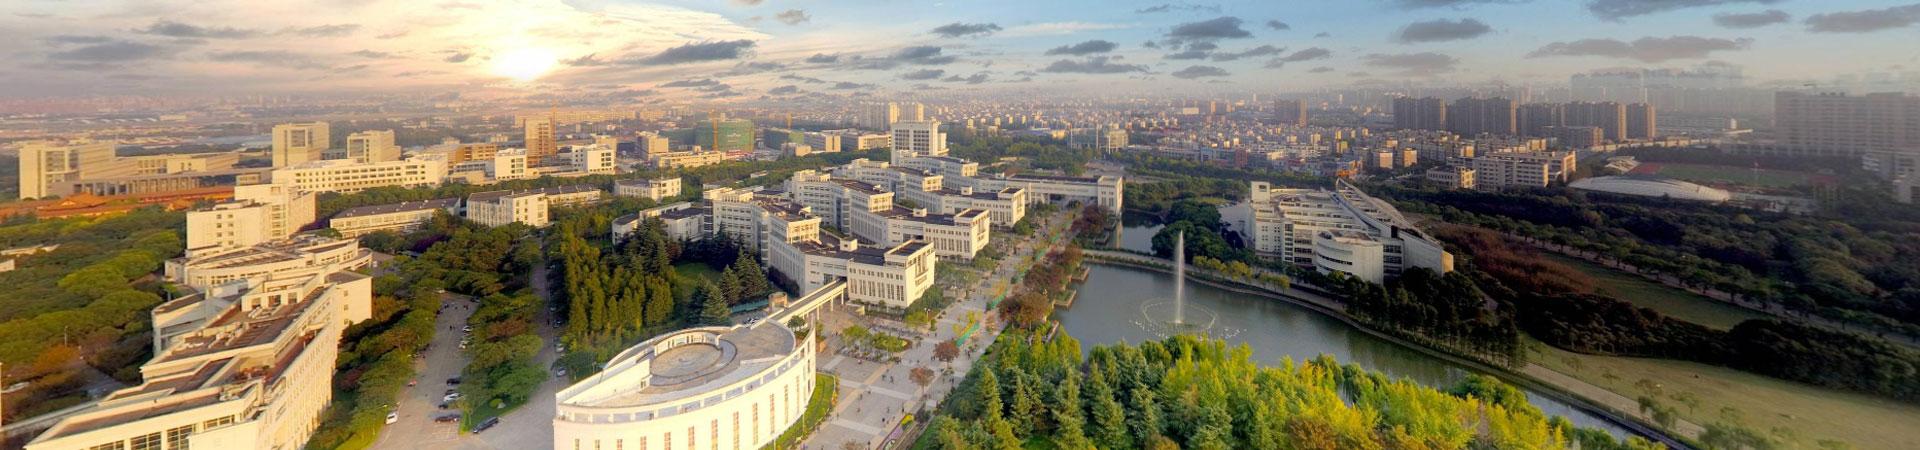 上海大学干部培训